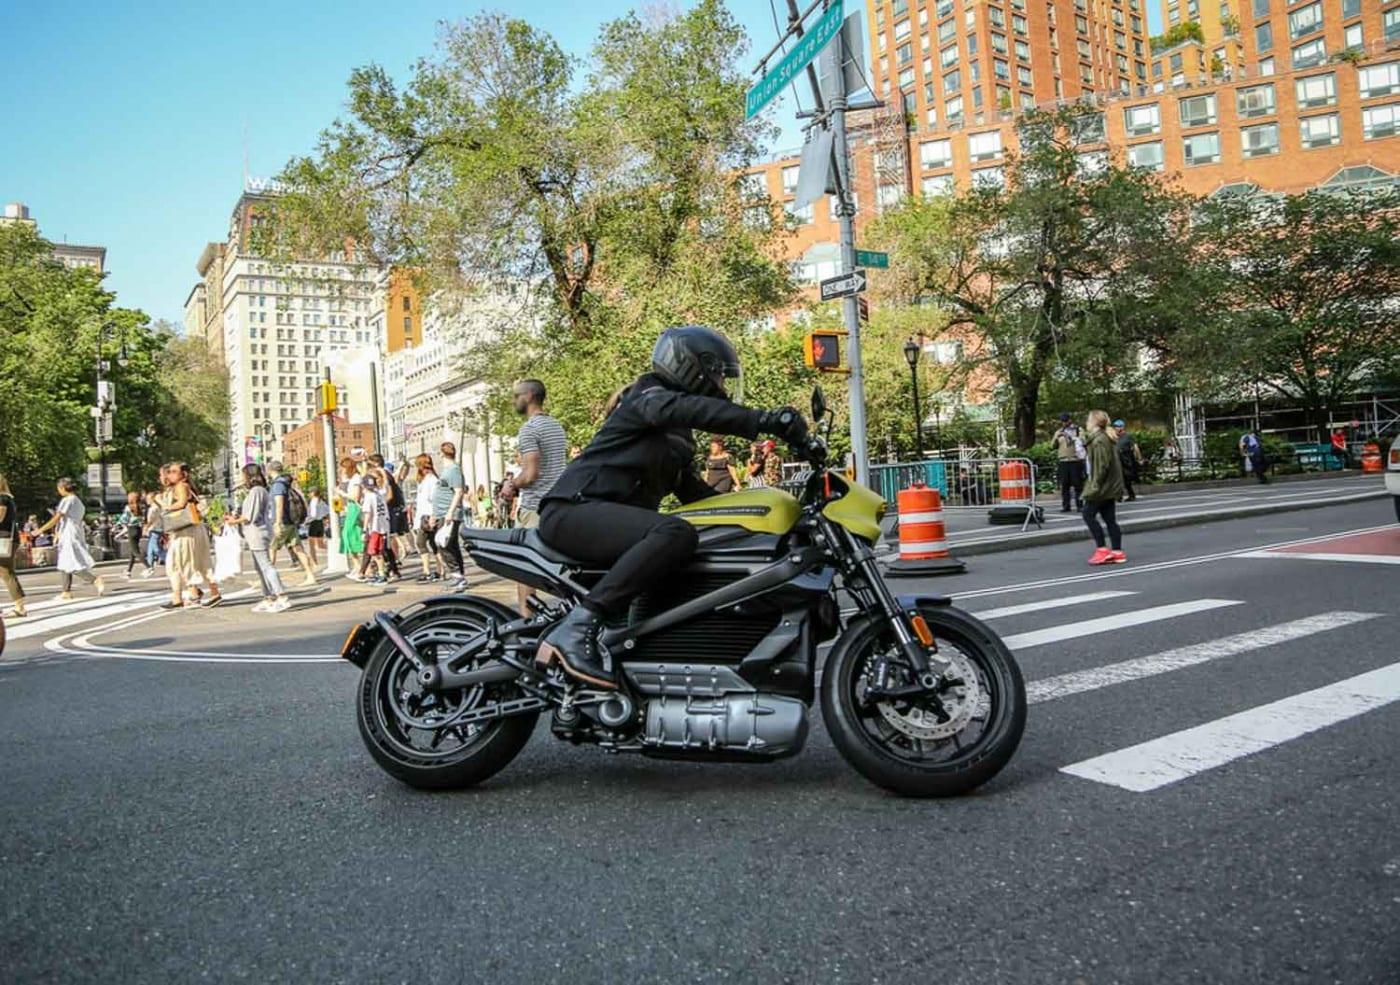 Das Bild zeigt die Harley Davidson LIVEWIRE beim fahren in der Stadt